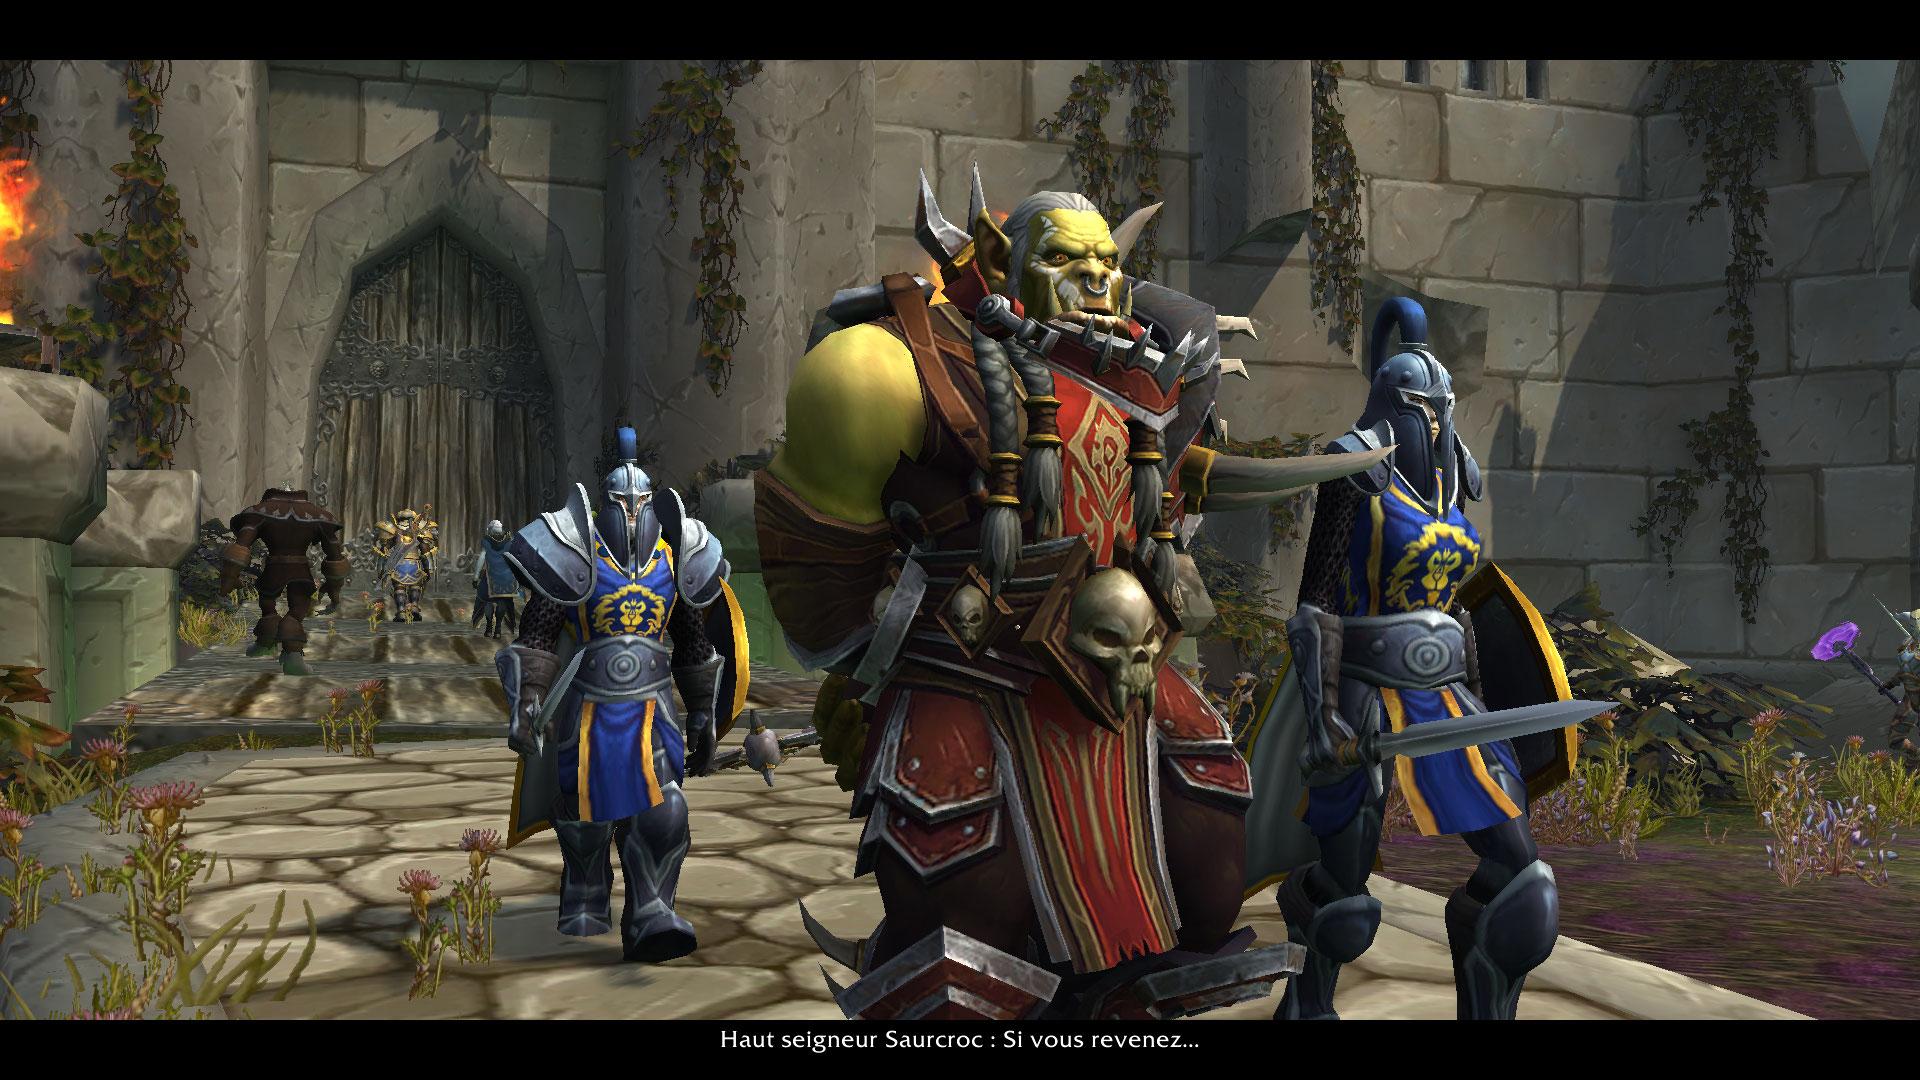 Saurcroc est arrêté par les troupes de l'Alliance